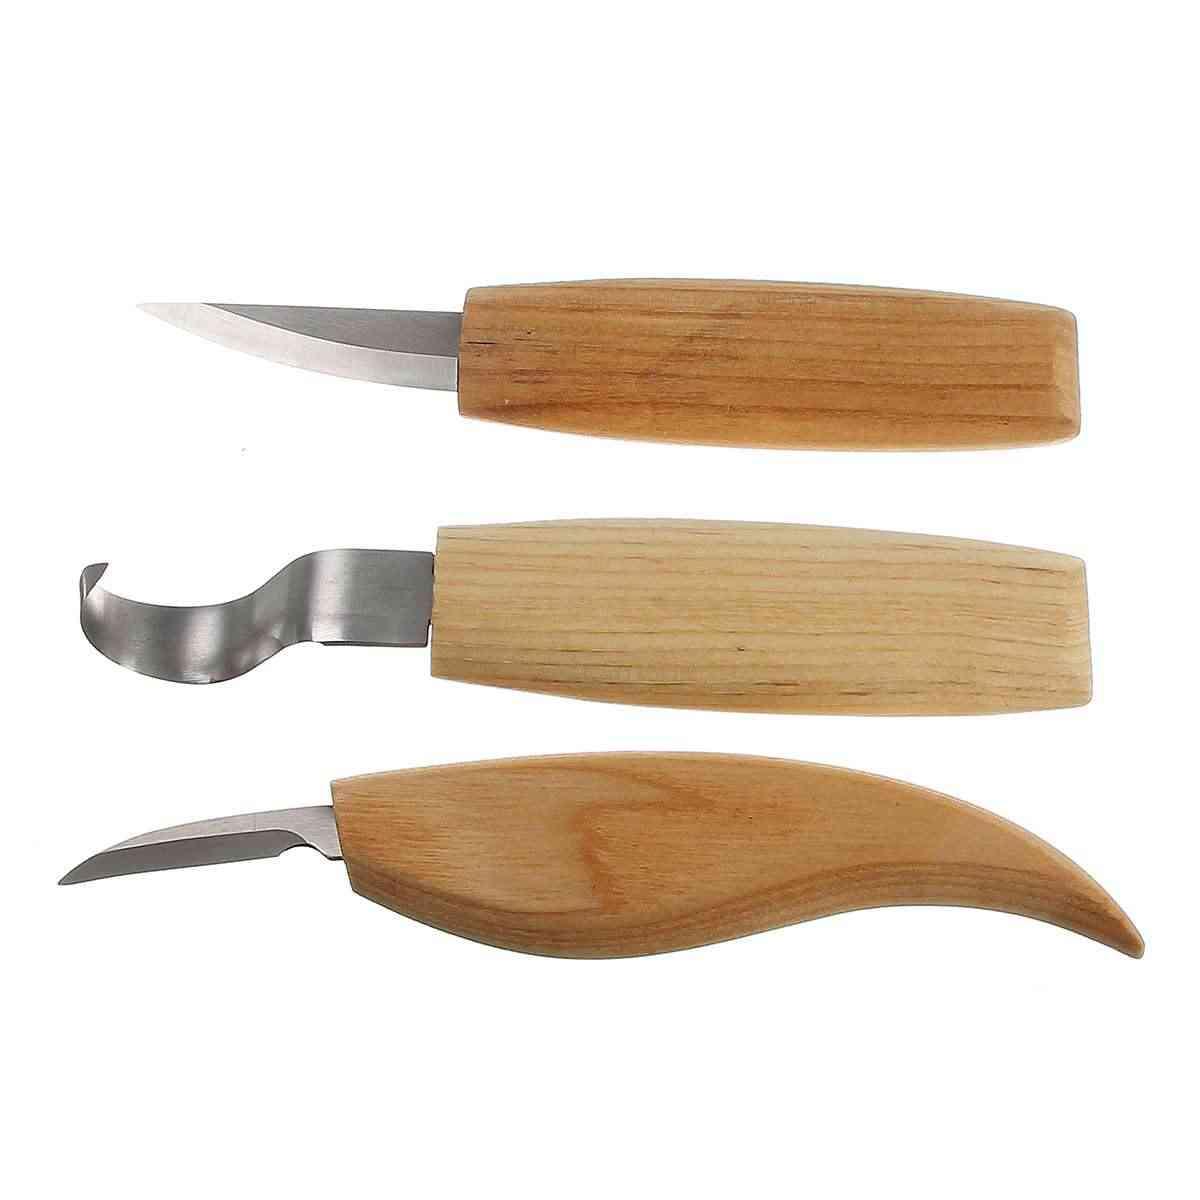 Juego de cincel de cuchillo de tallado con mango de madera de 10 piezas herramienta manual para trabajar la madera